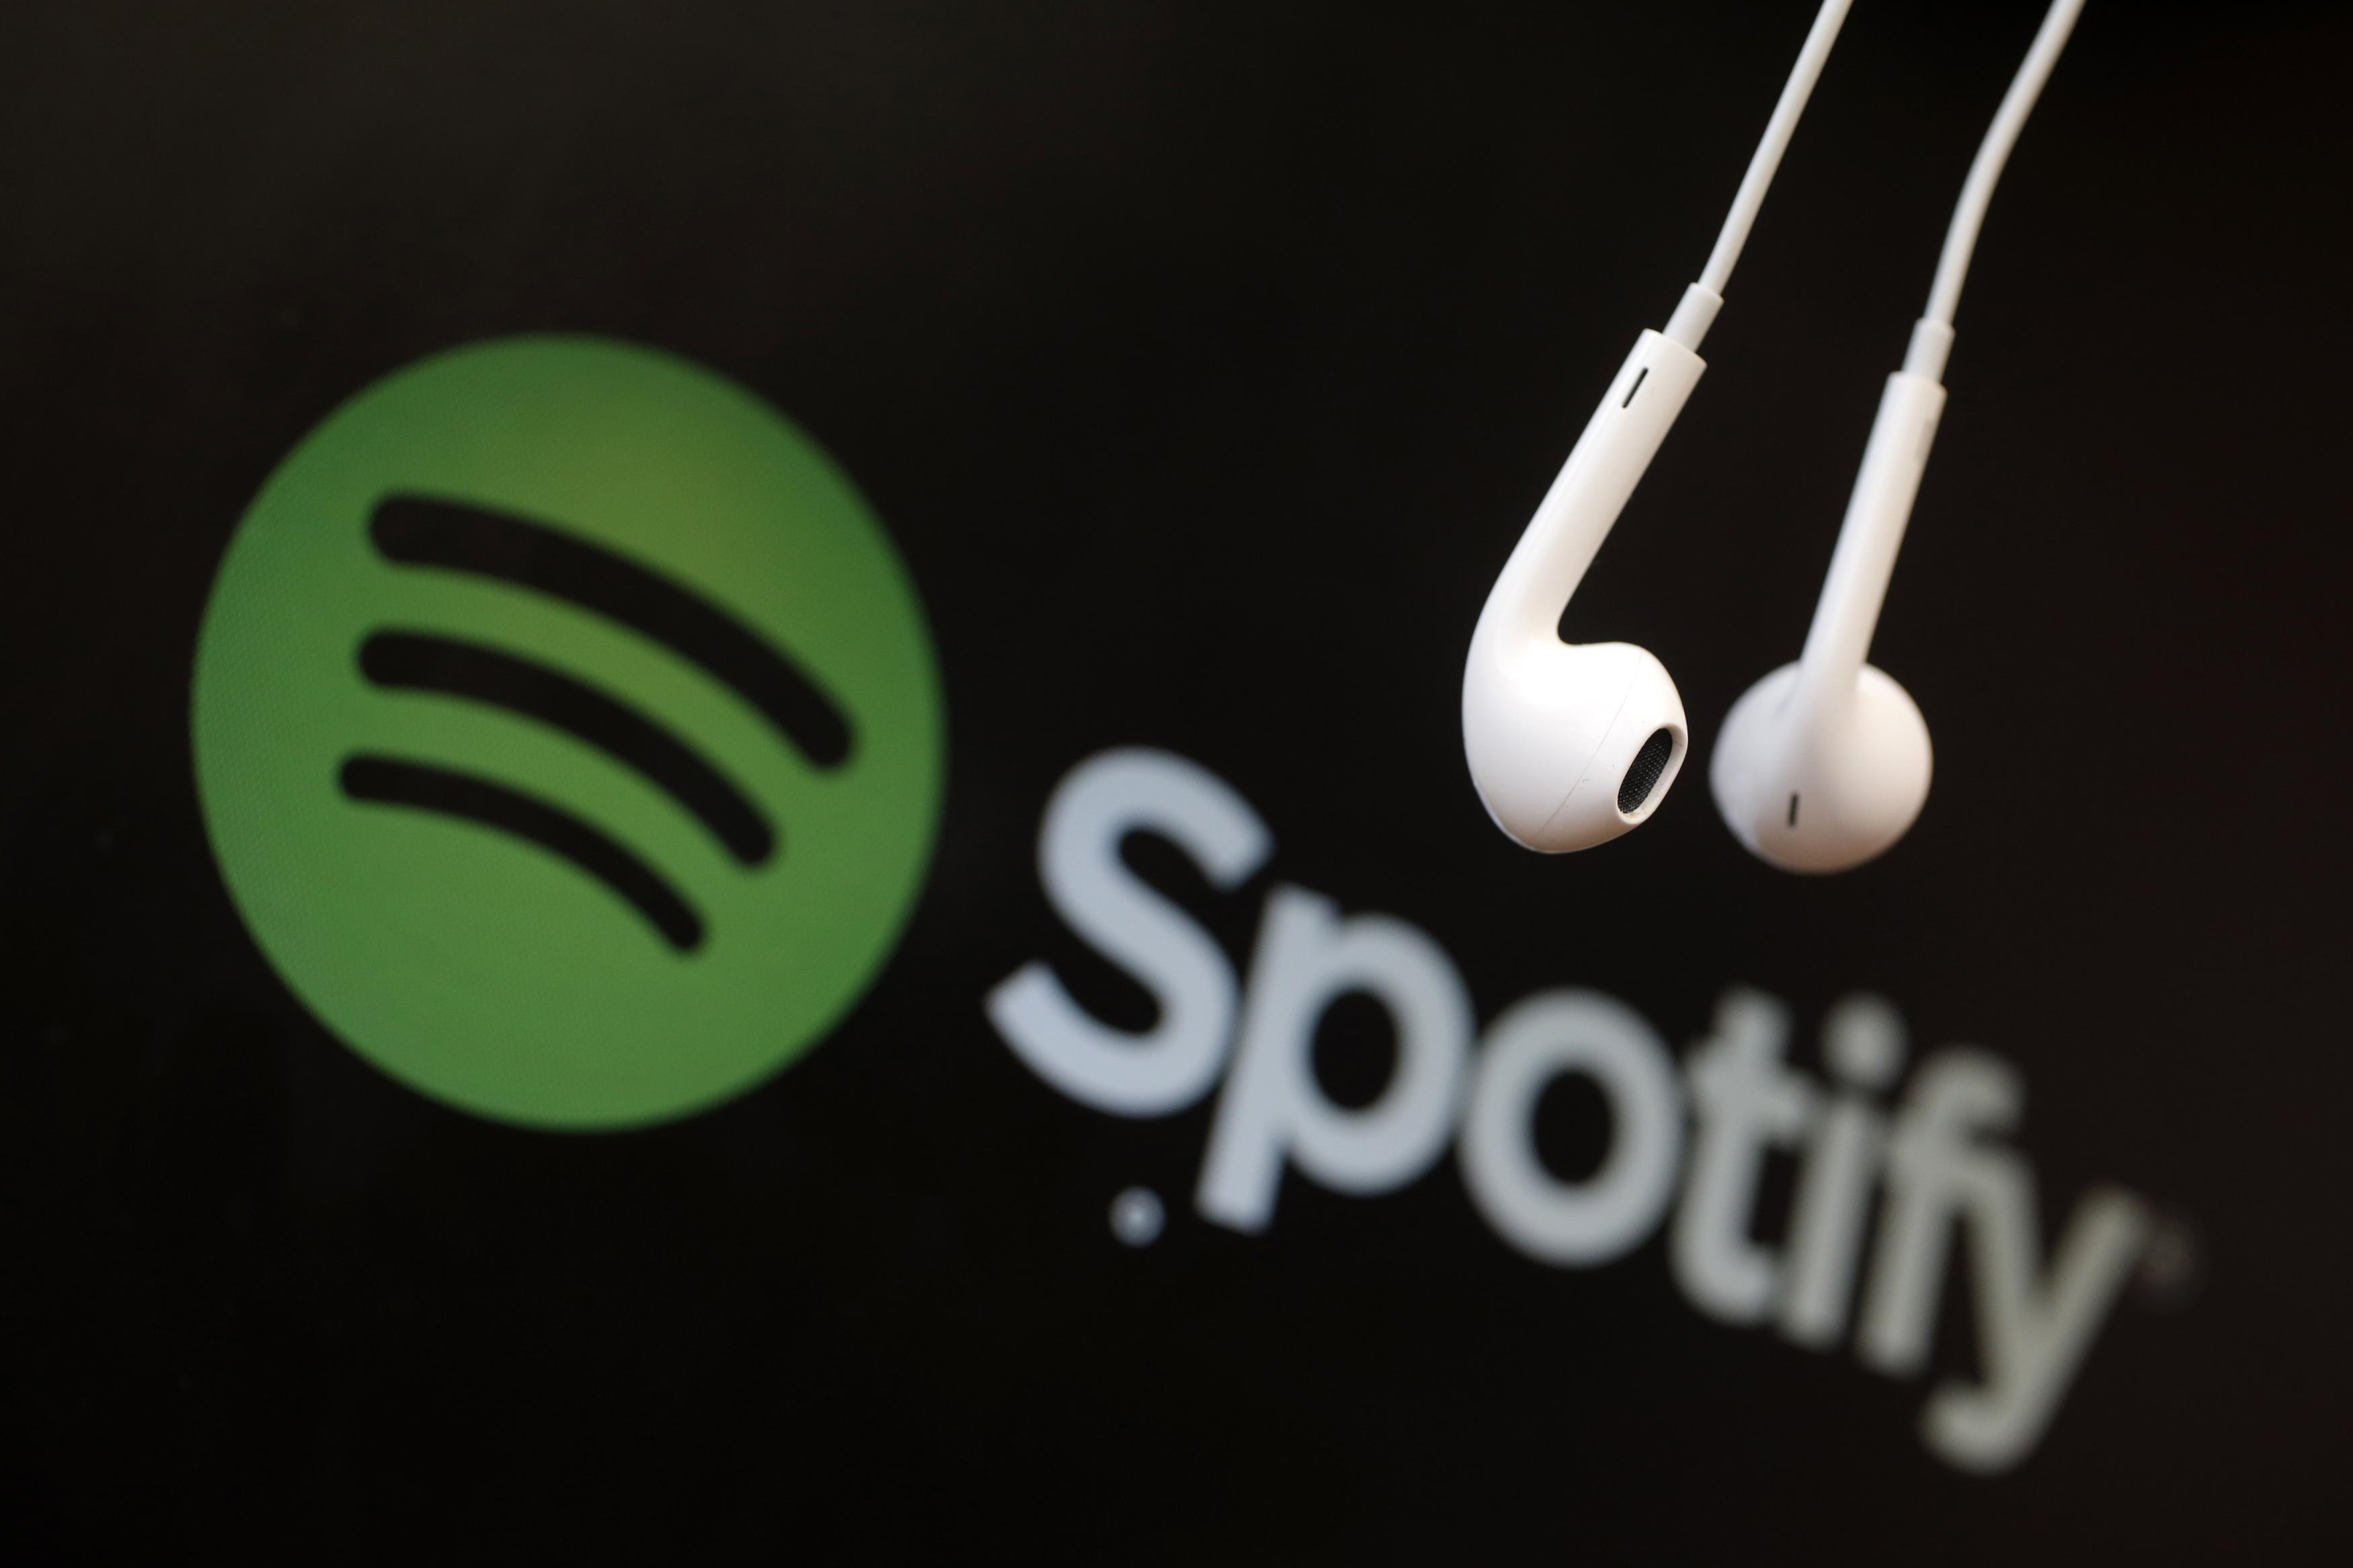 Quali sono i migliori programmi per scaricare musica MP3 gratis sul tuo PC Windows o Mac? Elenco 2019 9